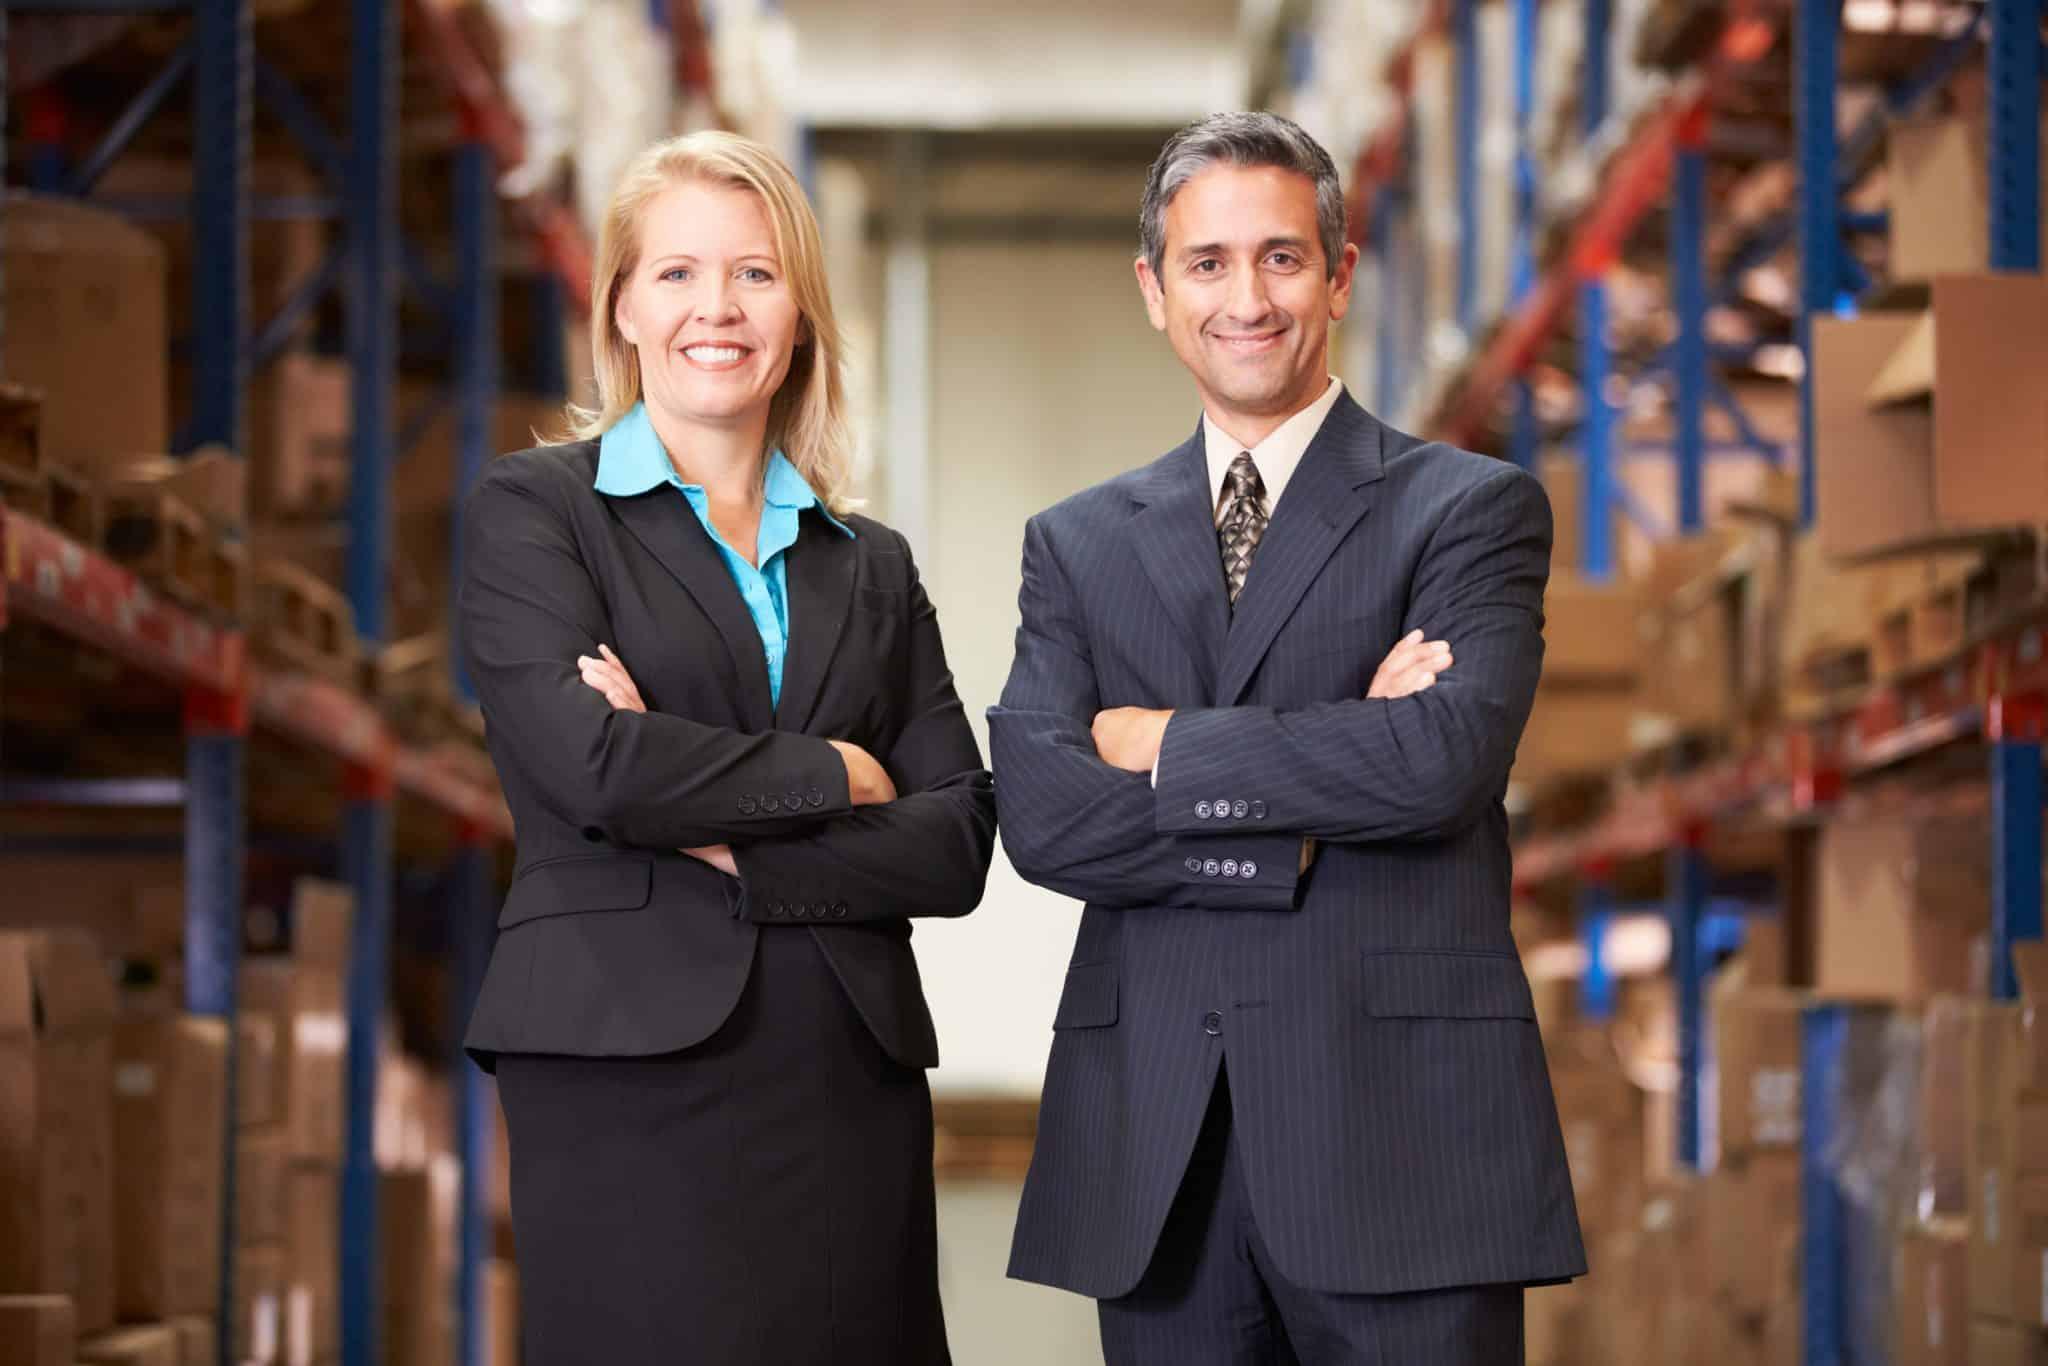 Zertifizierter GmbH-Geschäftsführer - Lehrgang mit Zertifikat